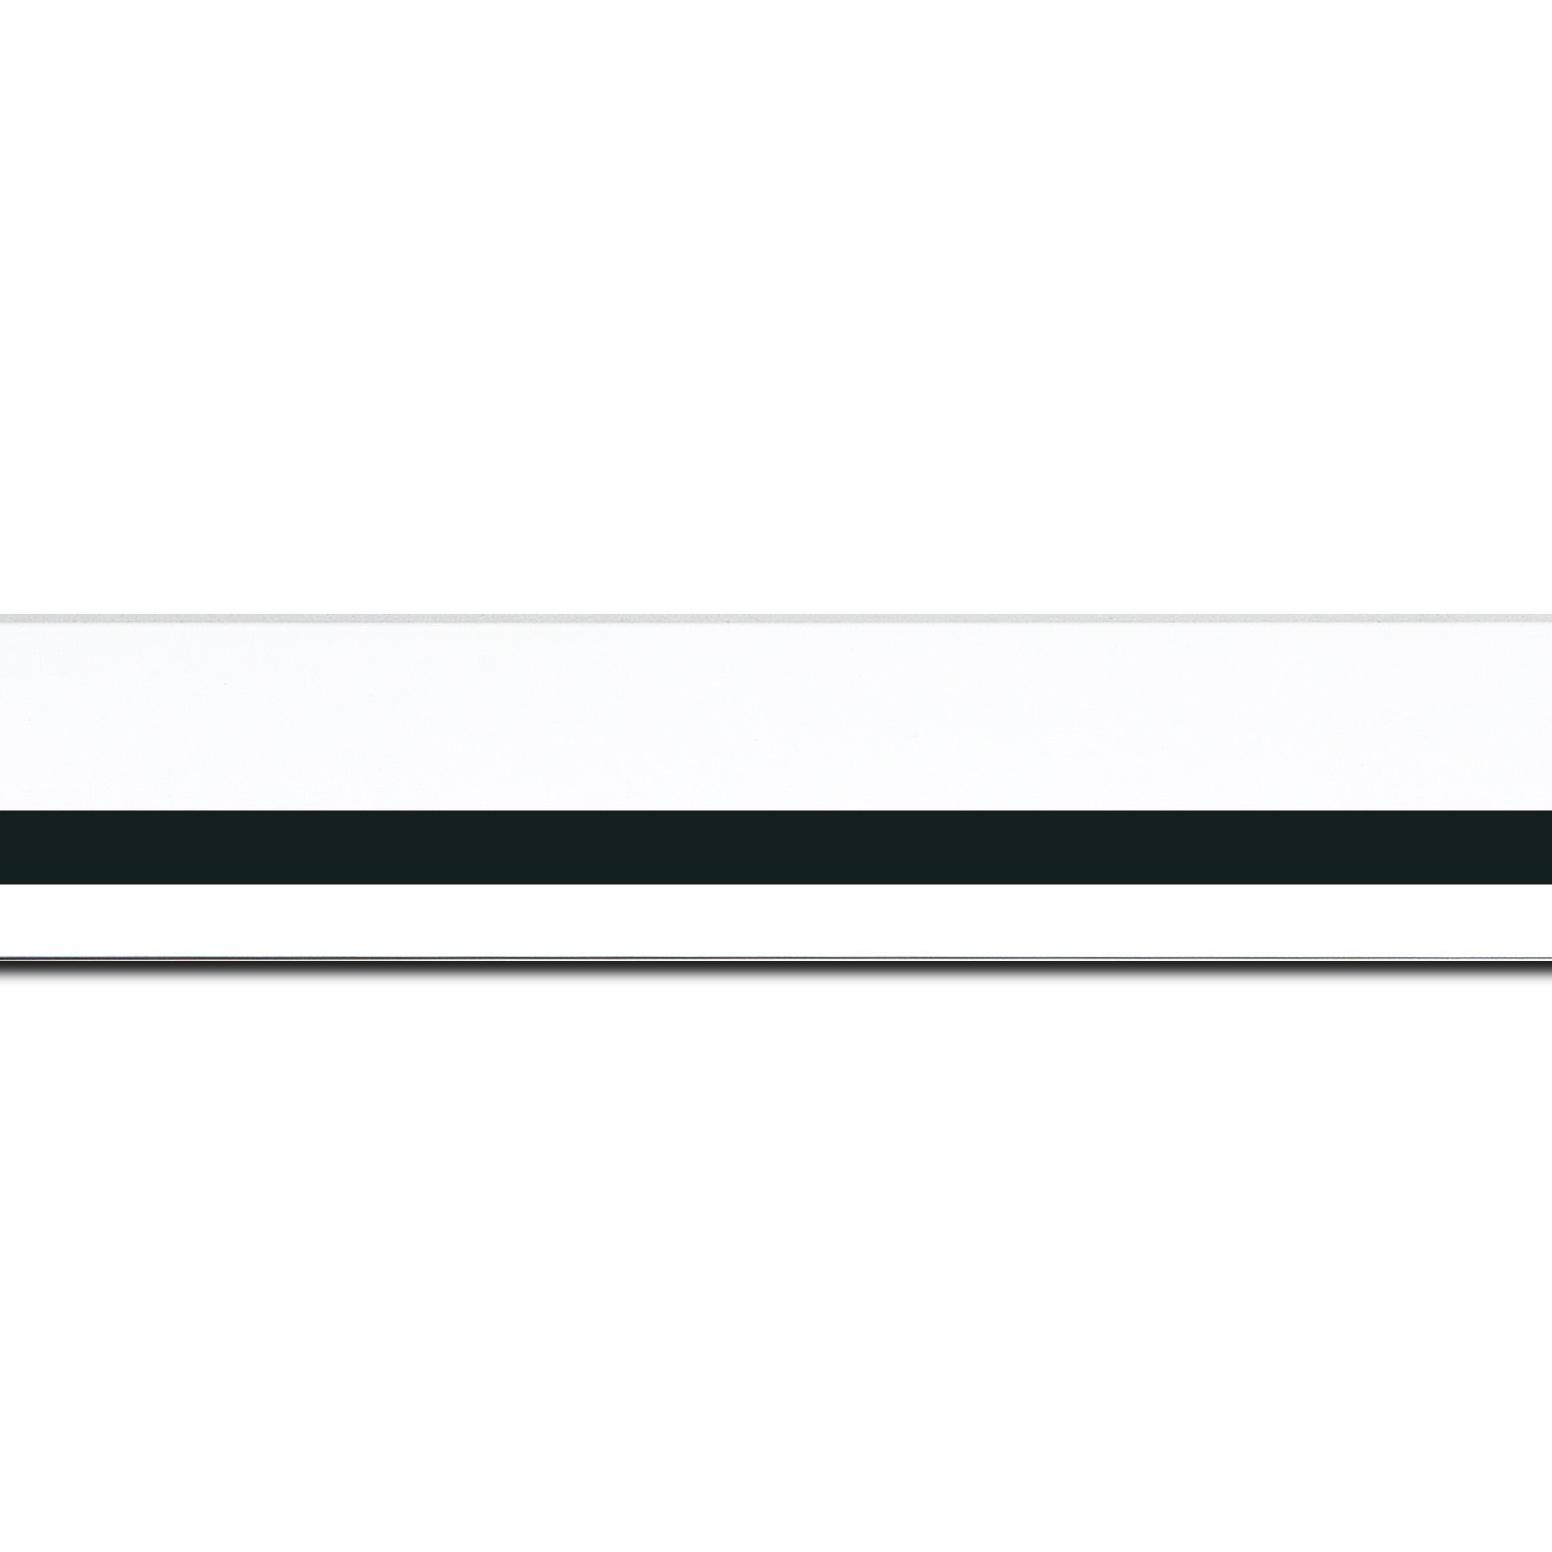 Pack par 12m, bois profil pente largeur 4.5cm de couleur blanc mat filet noir (longueur baguette pouvant varier entre 2.40m et 3m selon arrivage des bois)